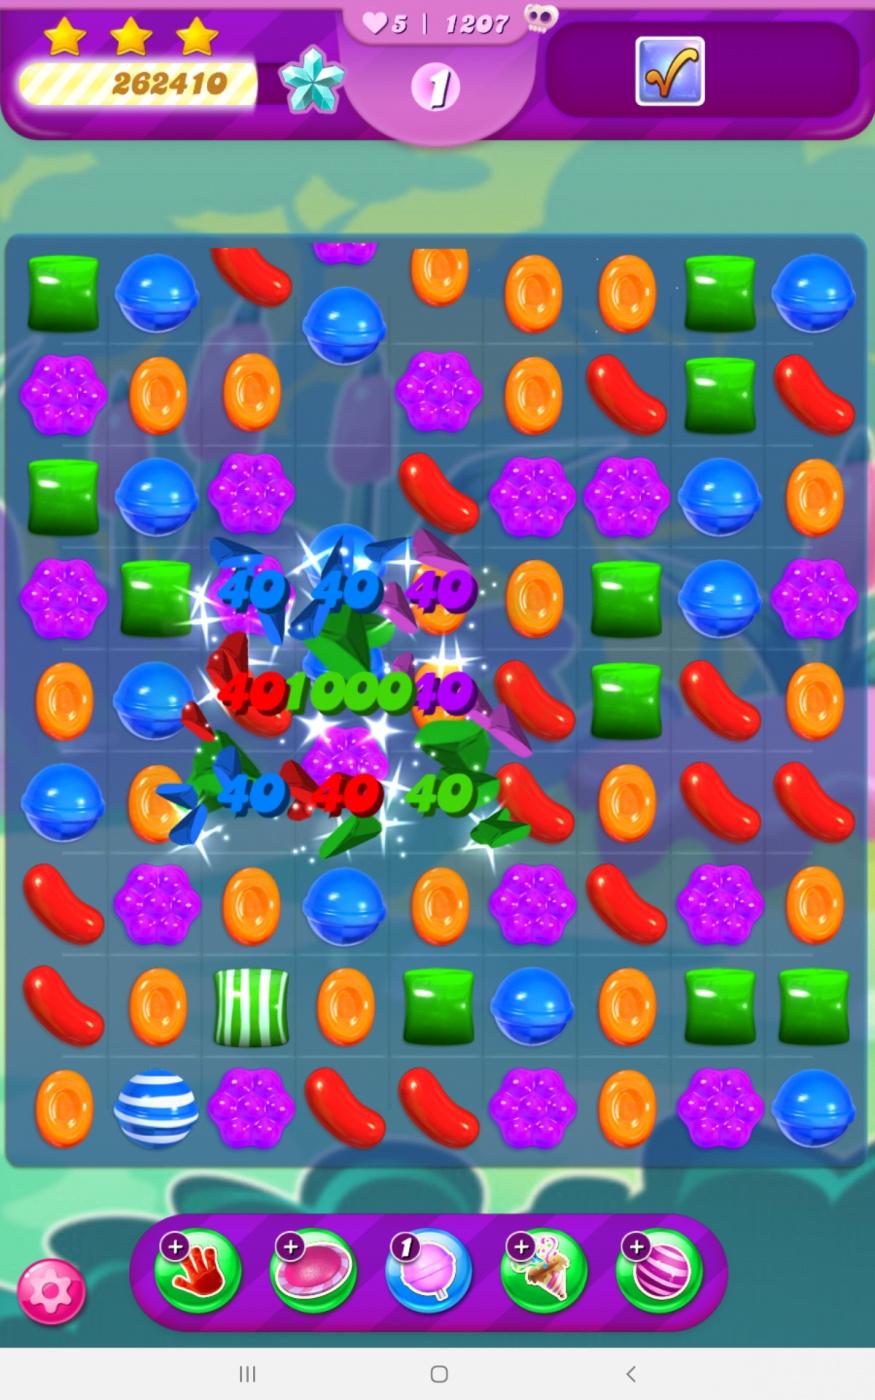 Screenshot_20210319-171618_Candy Crush Saga.jpg